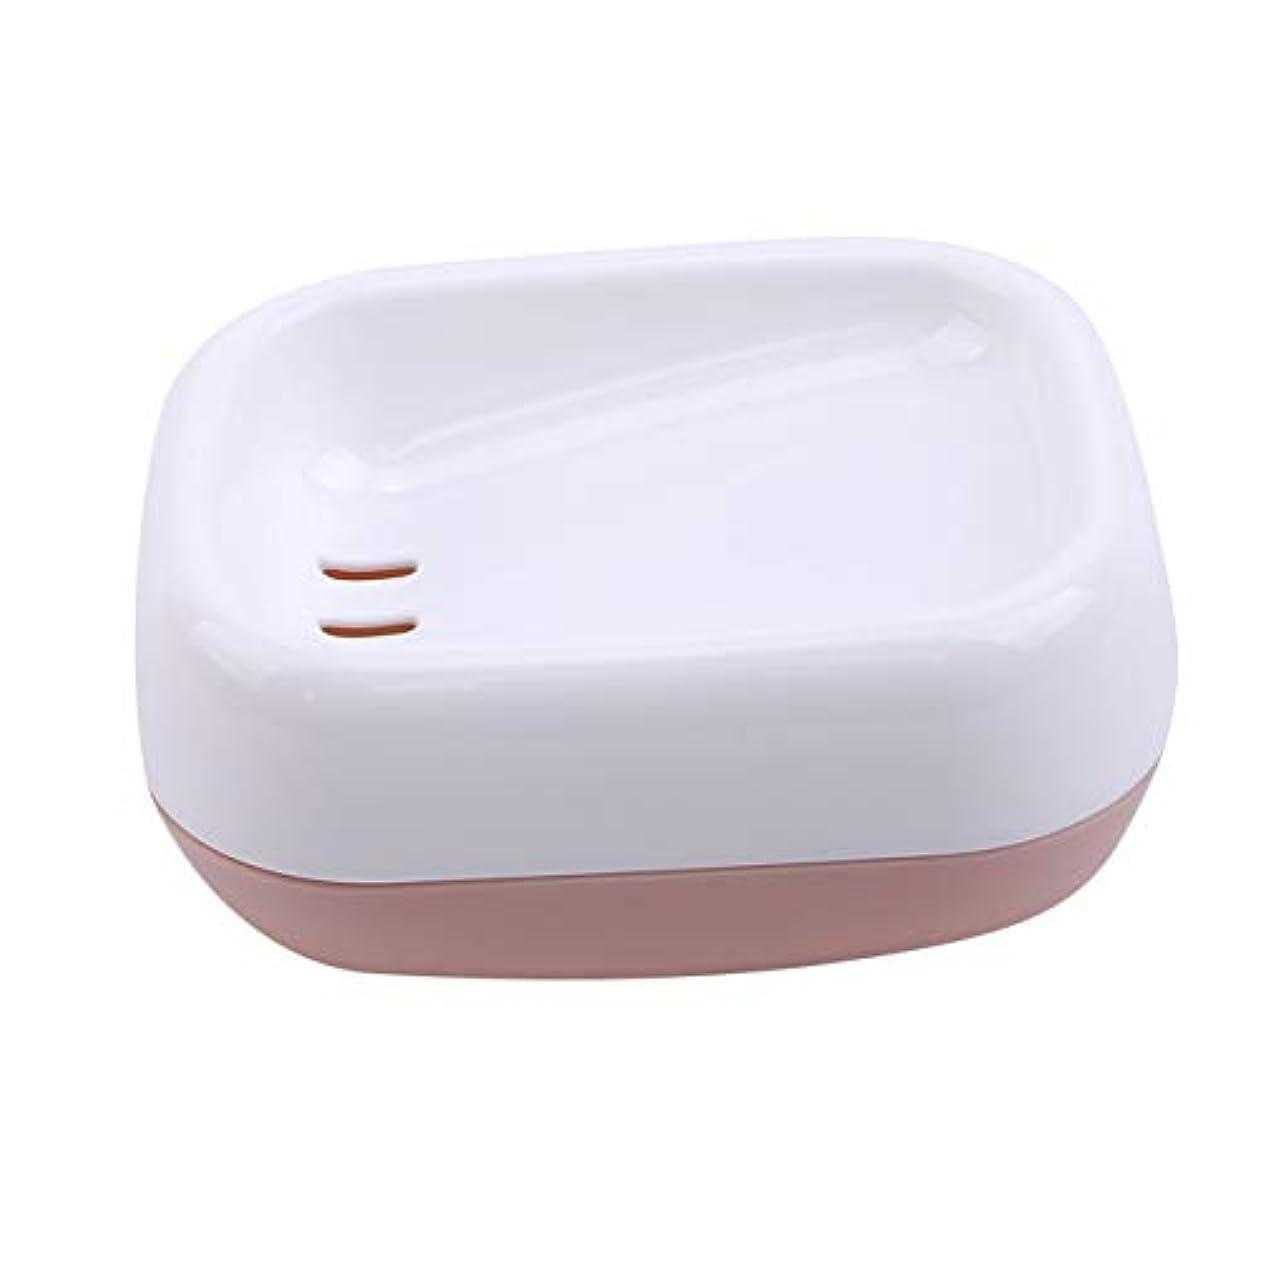 焼くゲインセイスキッパーZALINGソープディッシュボックス浴室プラスチック二重層衛生的なシンプル排水コンテナソープディッシュピンク